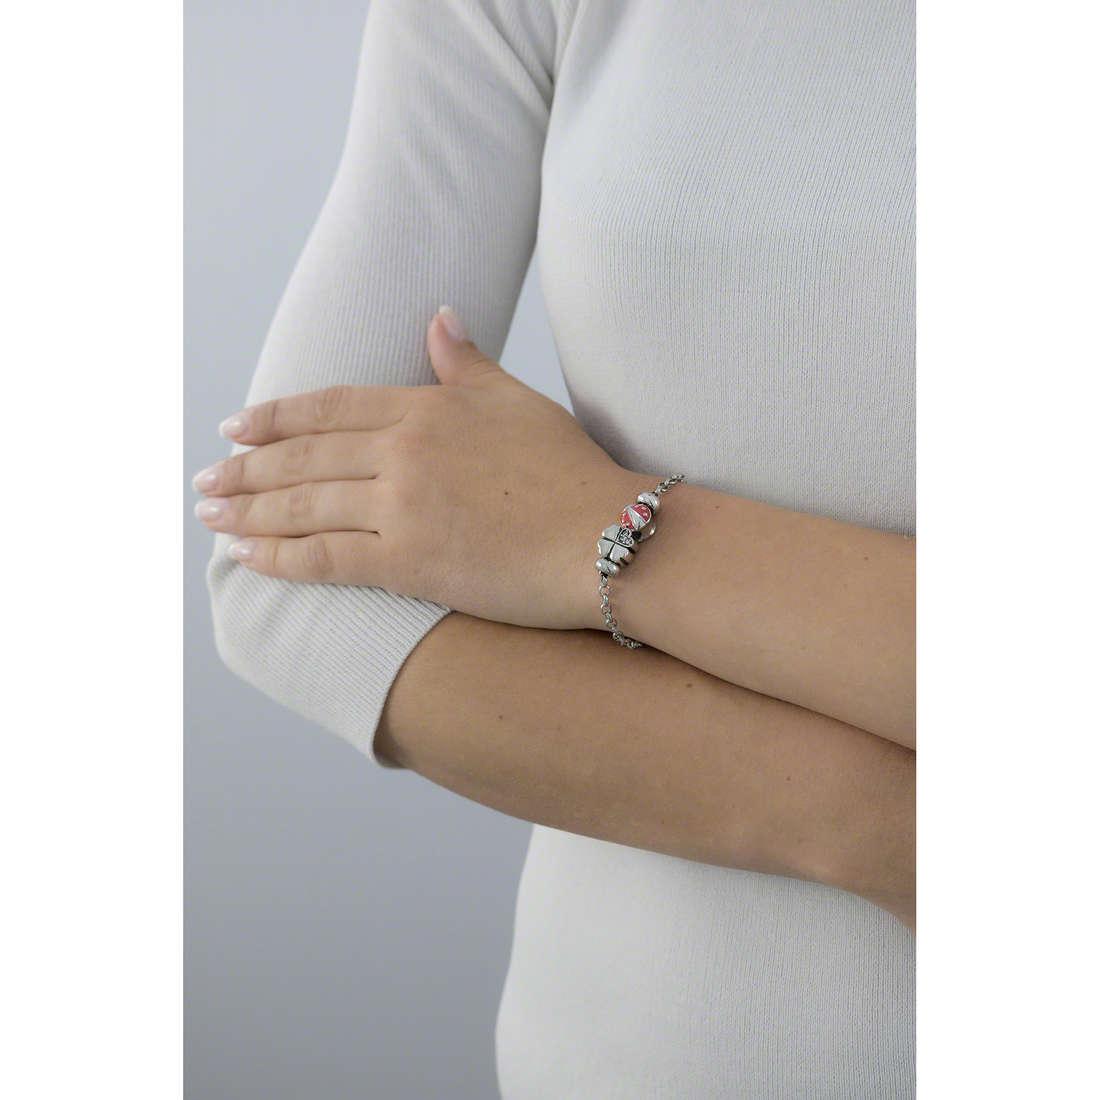 Morellato bracciali Drops donna SCZ676 indosso